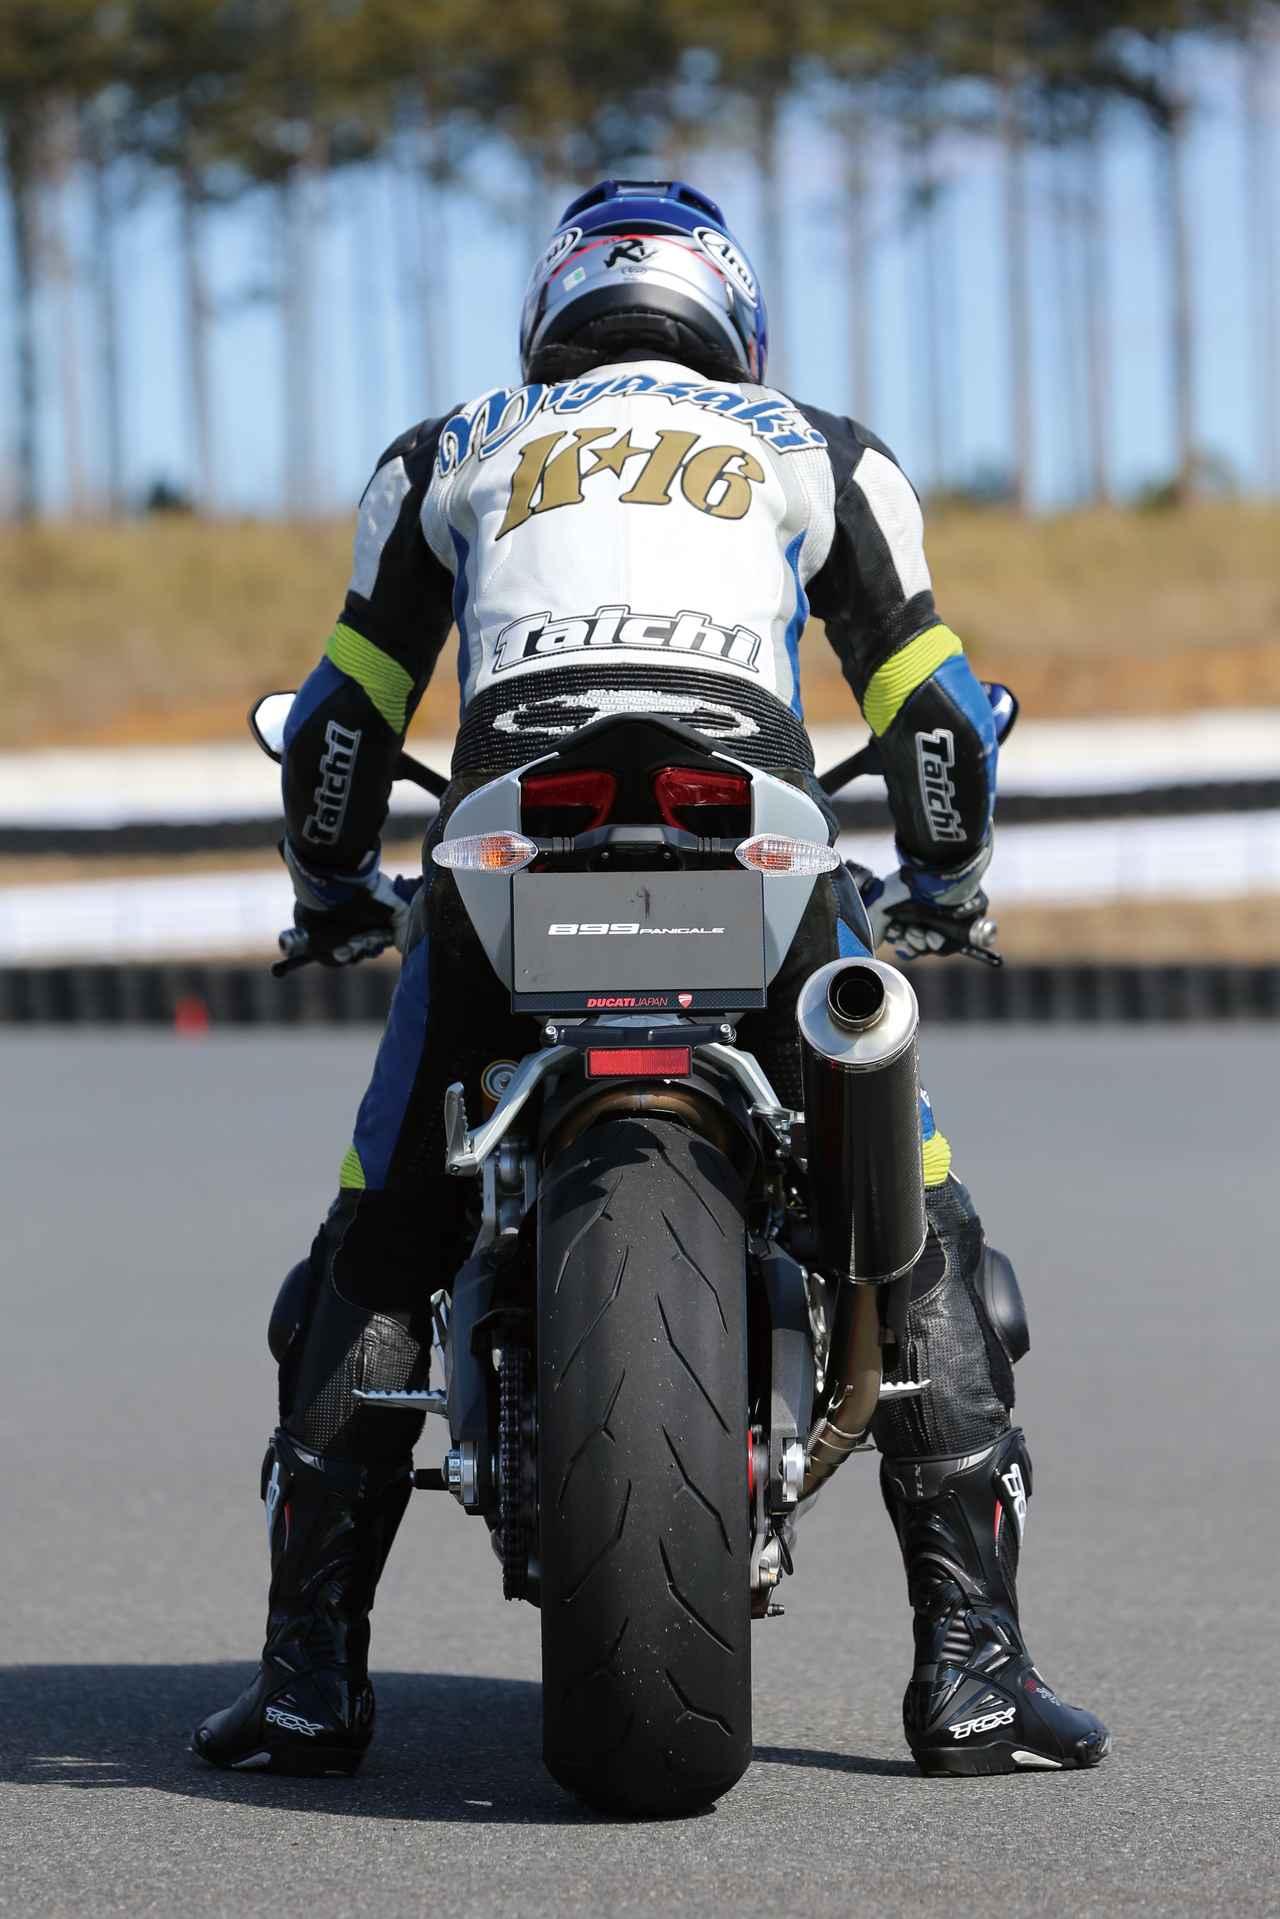 Images : 5番目の画像 - 「ベストバランスが光るミドルパニガーレ日本上陸!!「DUCATI 899 PANIGALE」(2014年)」のアルバム - webオートバイ